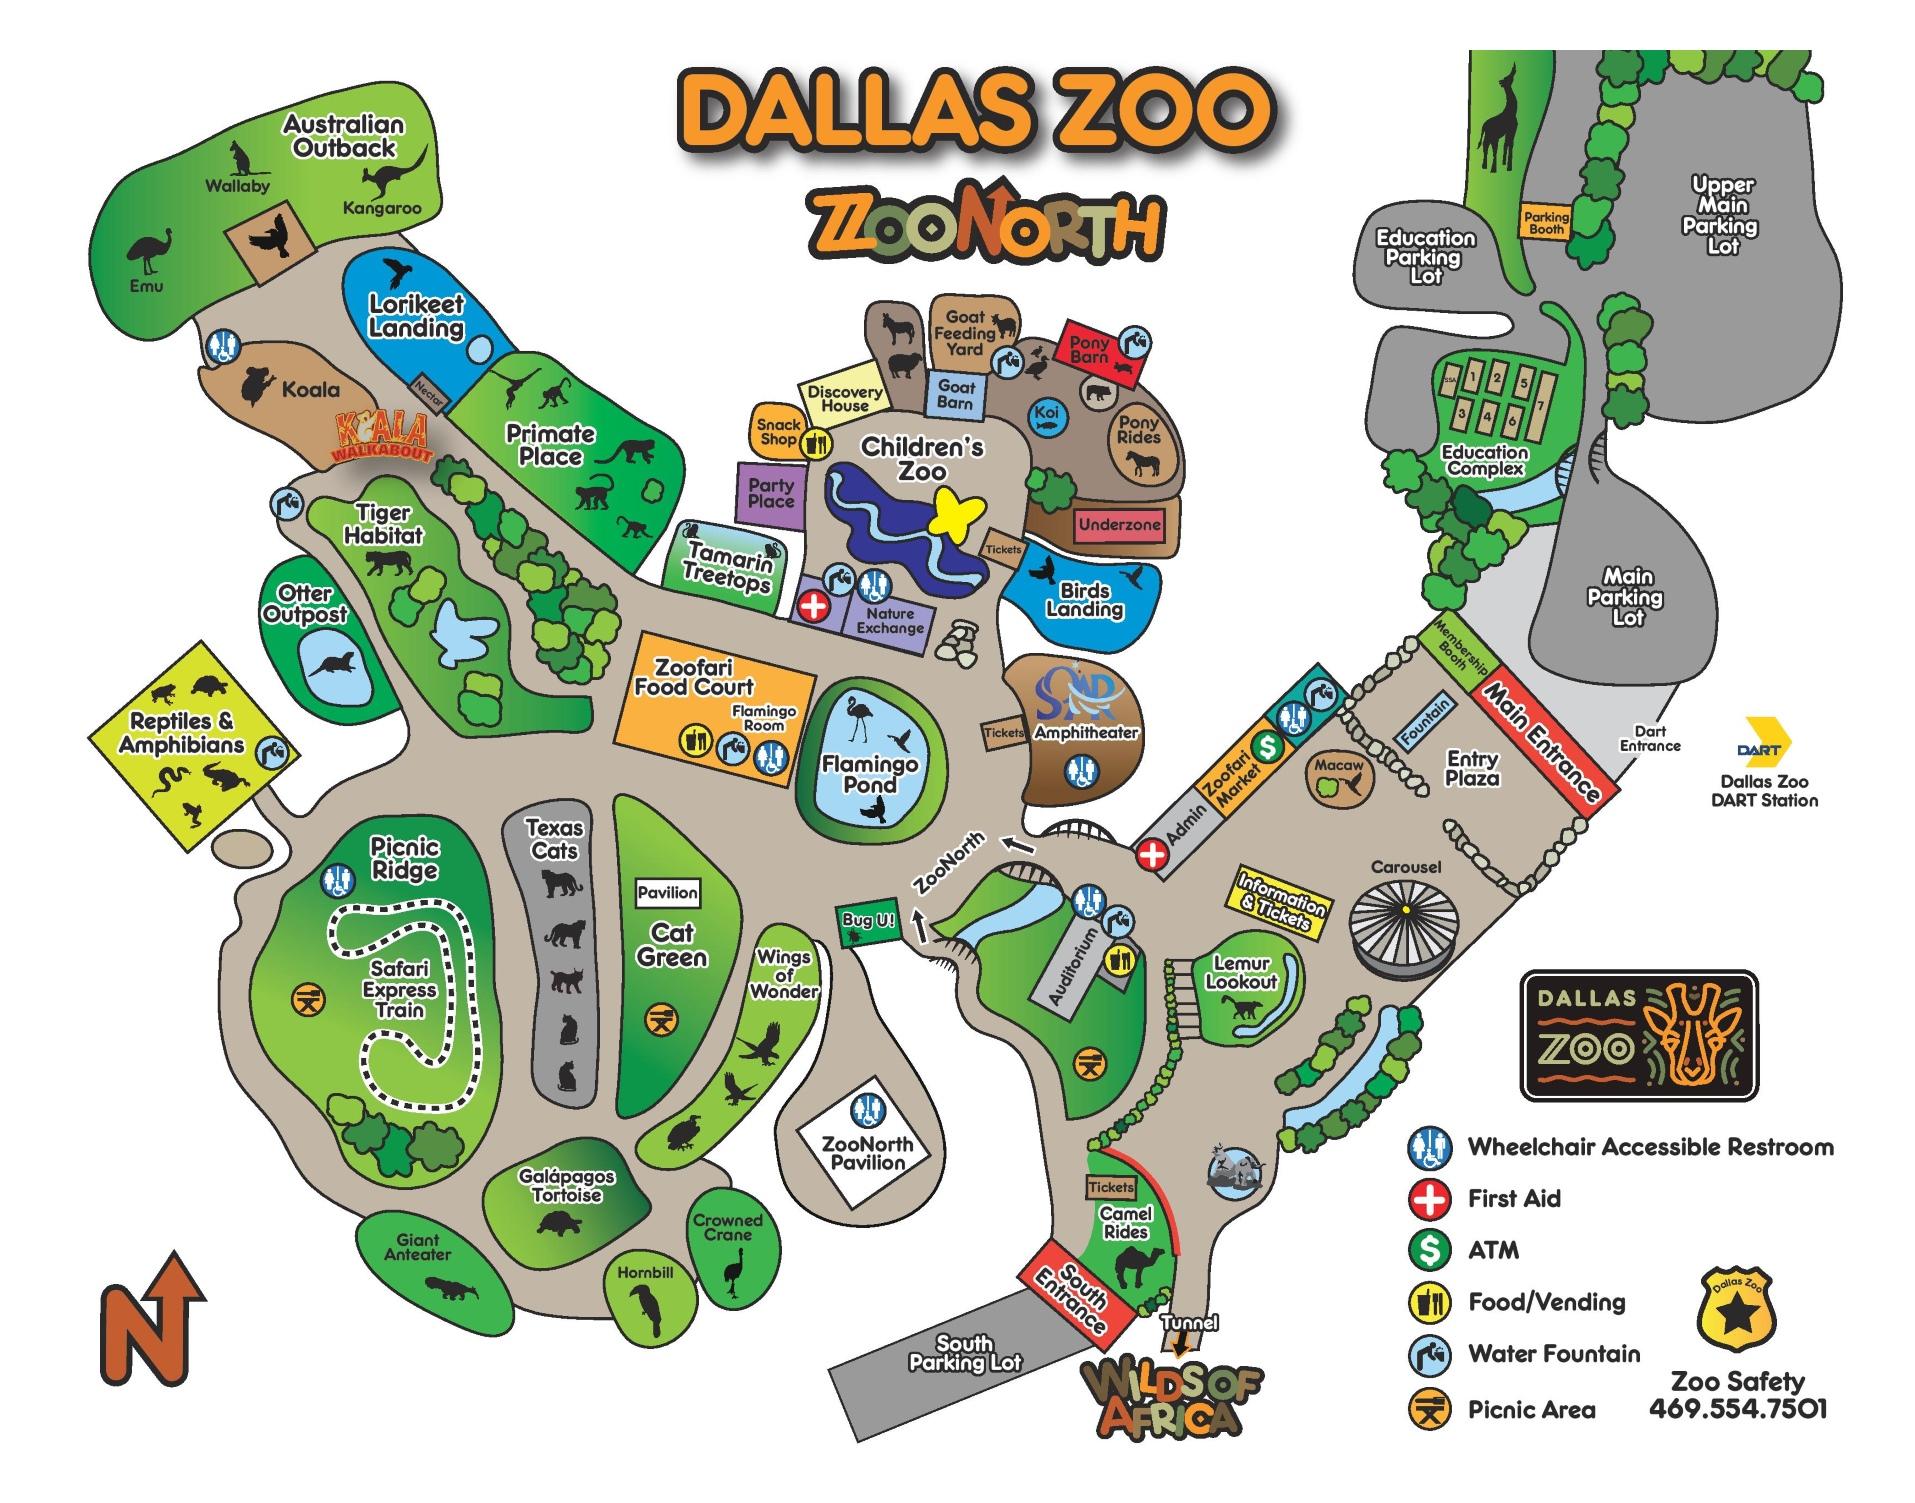 Dallas Zoo Map Dallas Zoo map